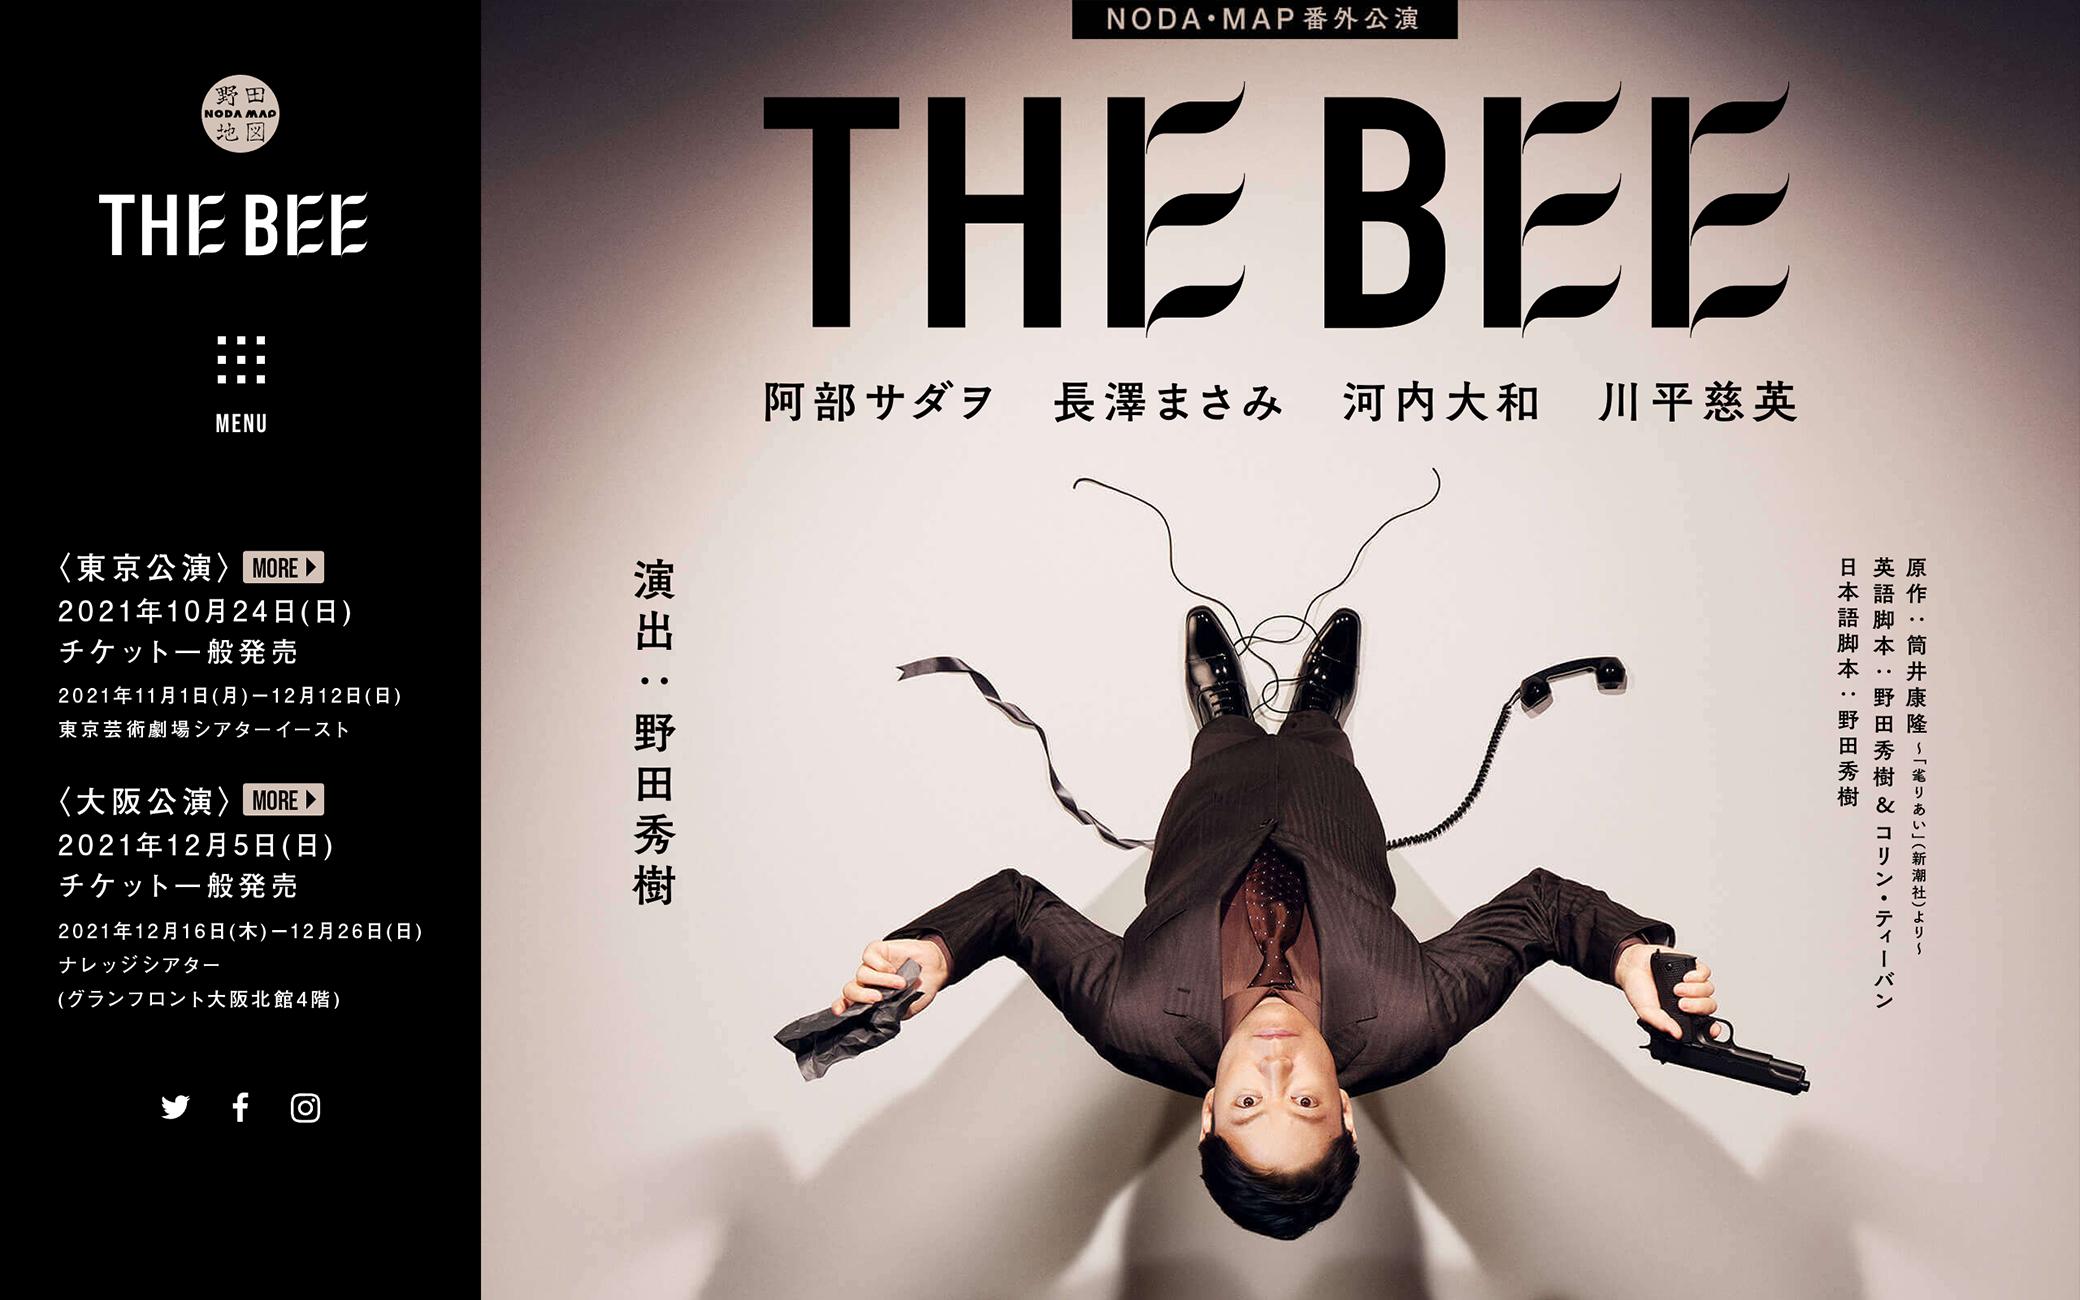 NODA・MAP 番外公演「THE BEE」